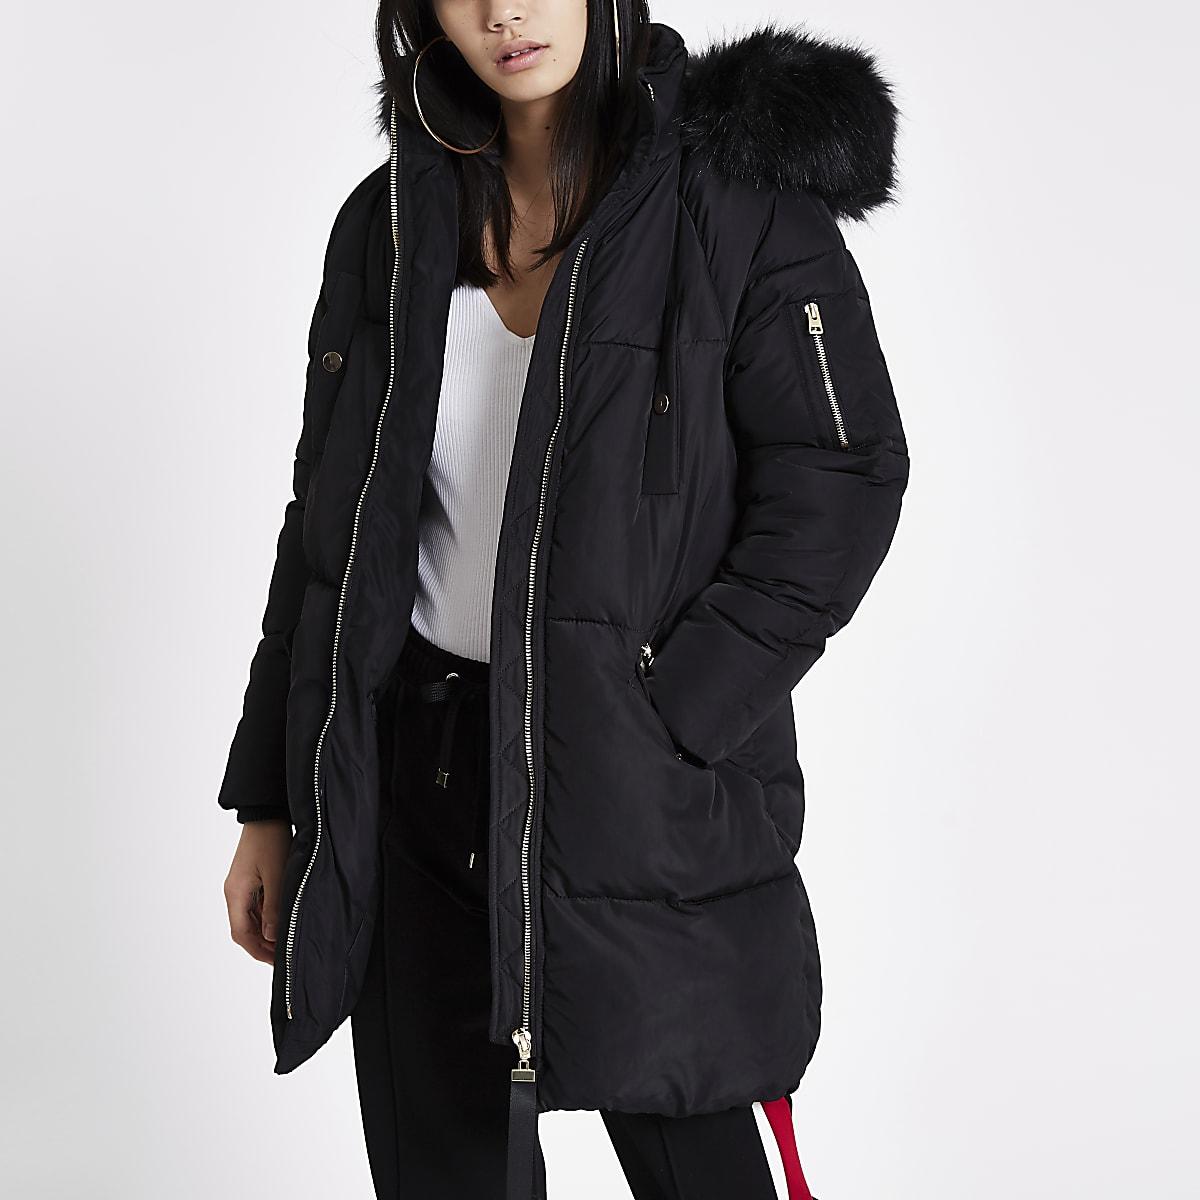 f4c0f2a55a7703 Lange, schwarze Jacke mit Kunstfellkapuze Lange, schwarze Jacke mit  Kunstfellkapuze ...